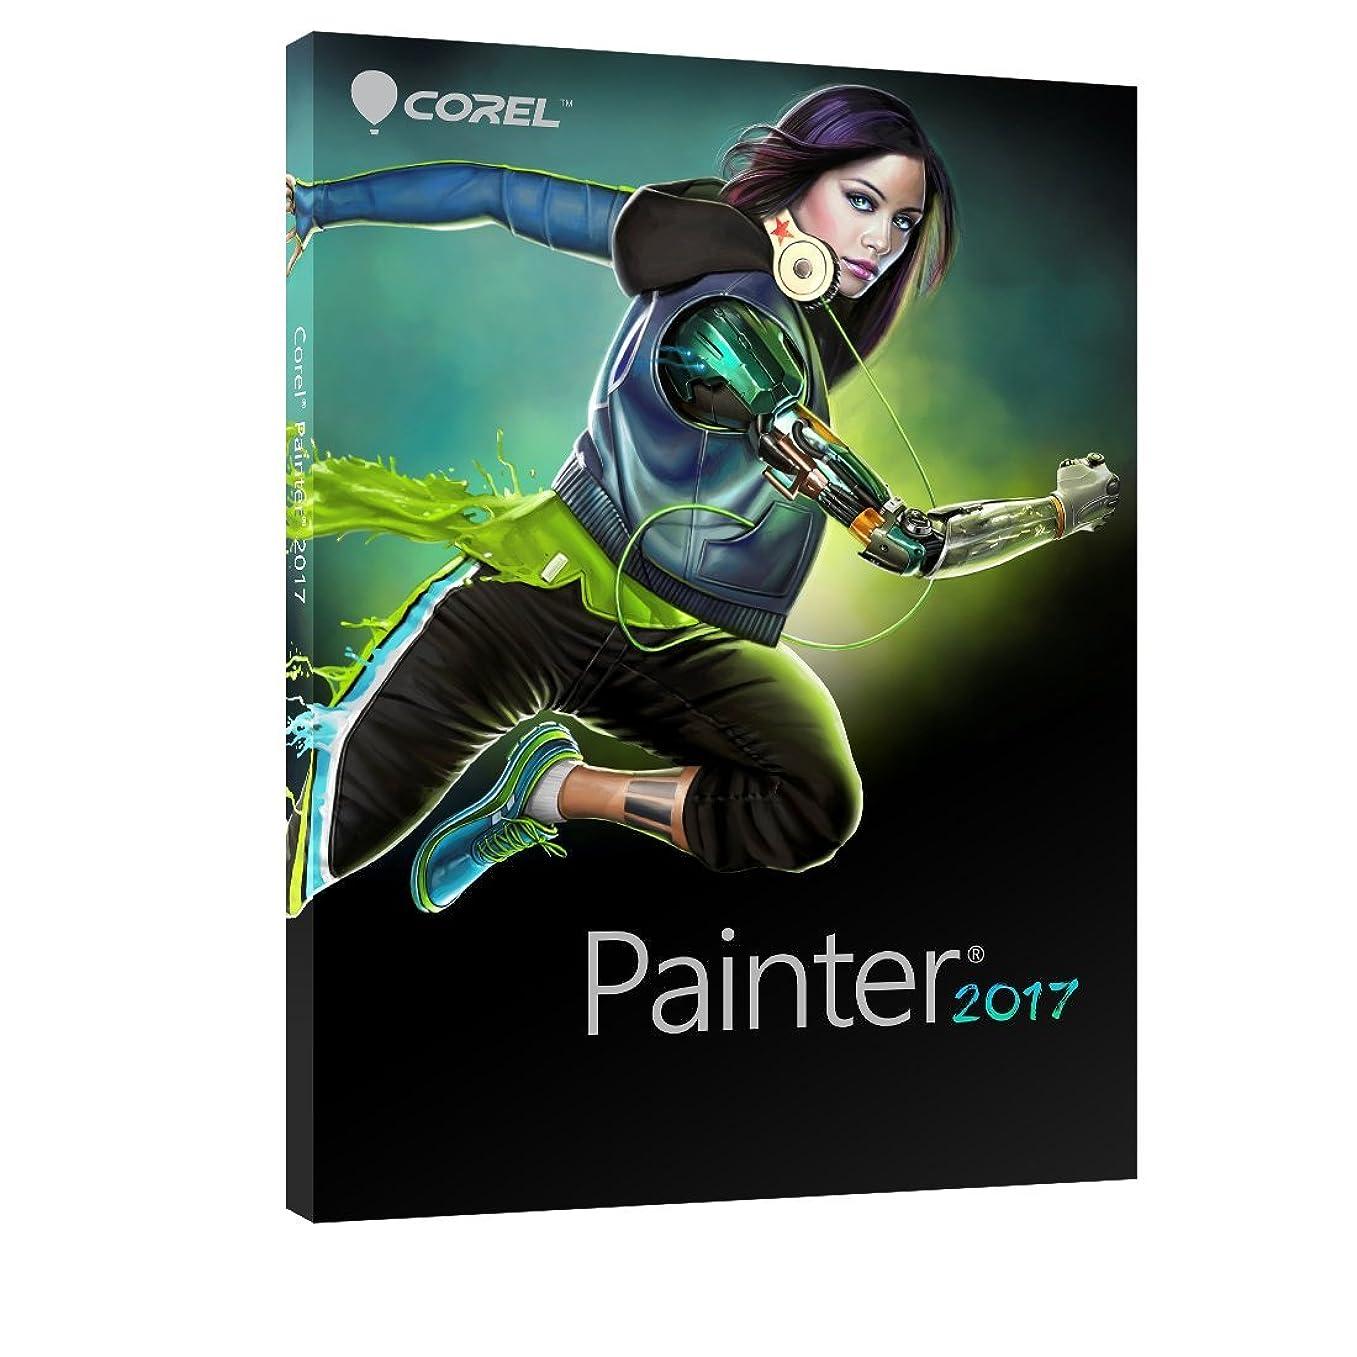 経過自動的に知人Corel Painter 2017 Education Edition [並行輸入品] 別途 日本語マニュアル付き